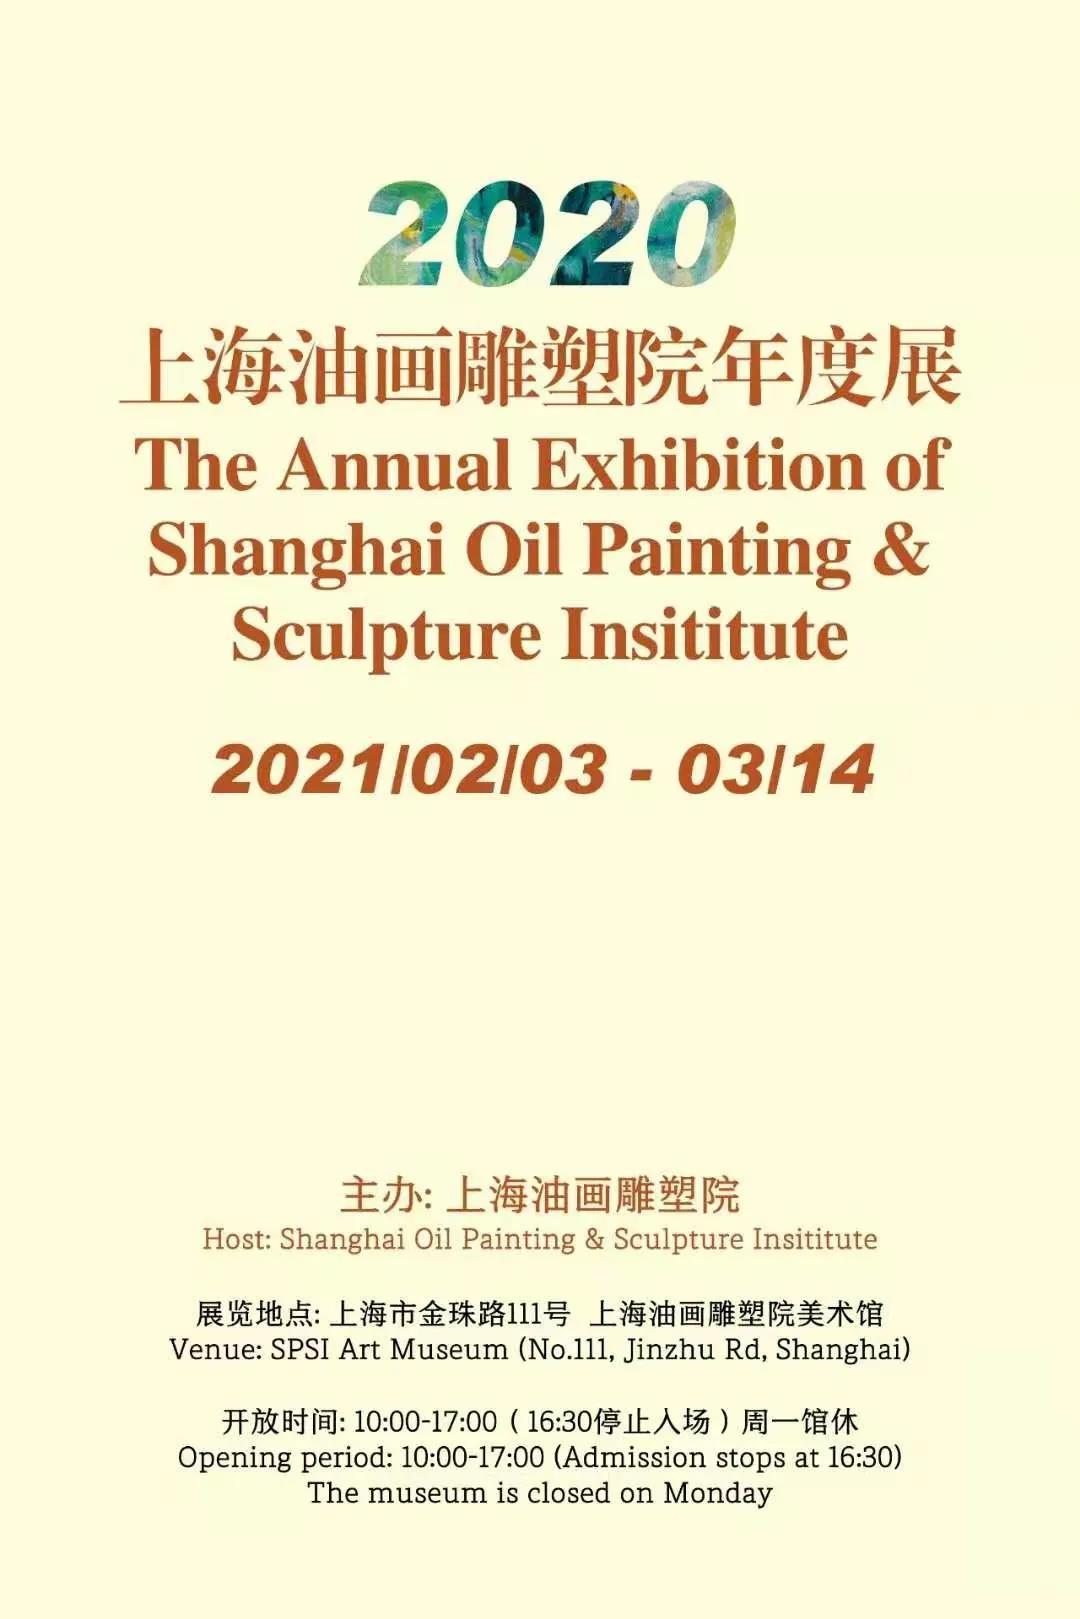 2020上海油画雕塑院年度展